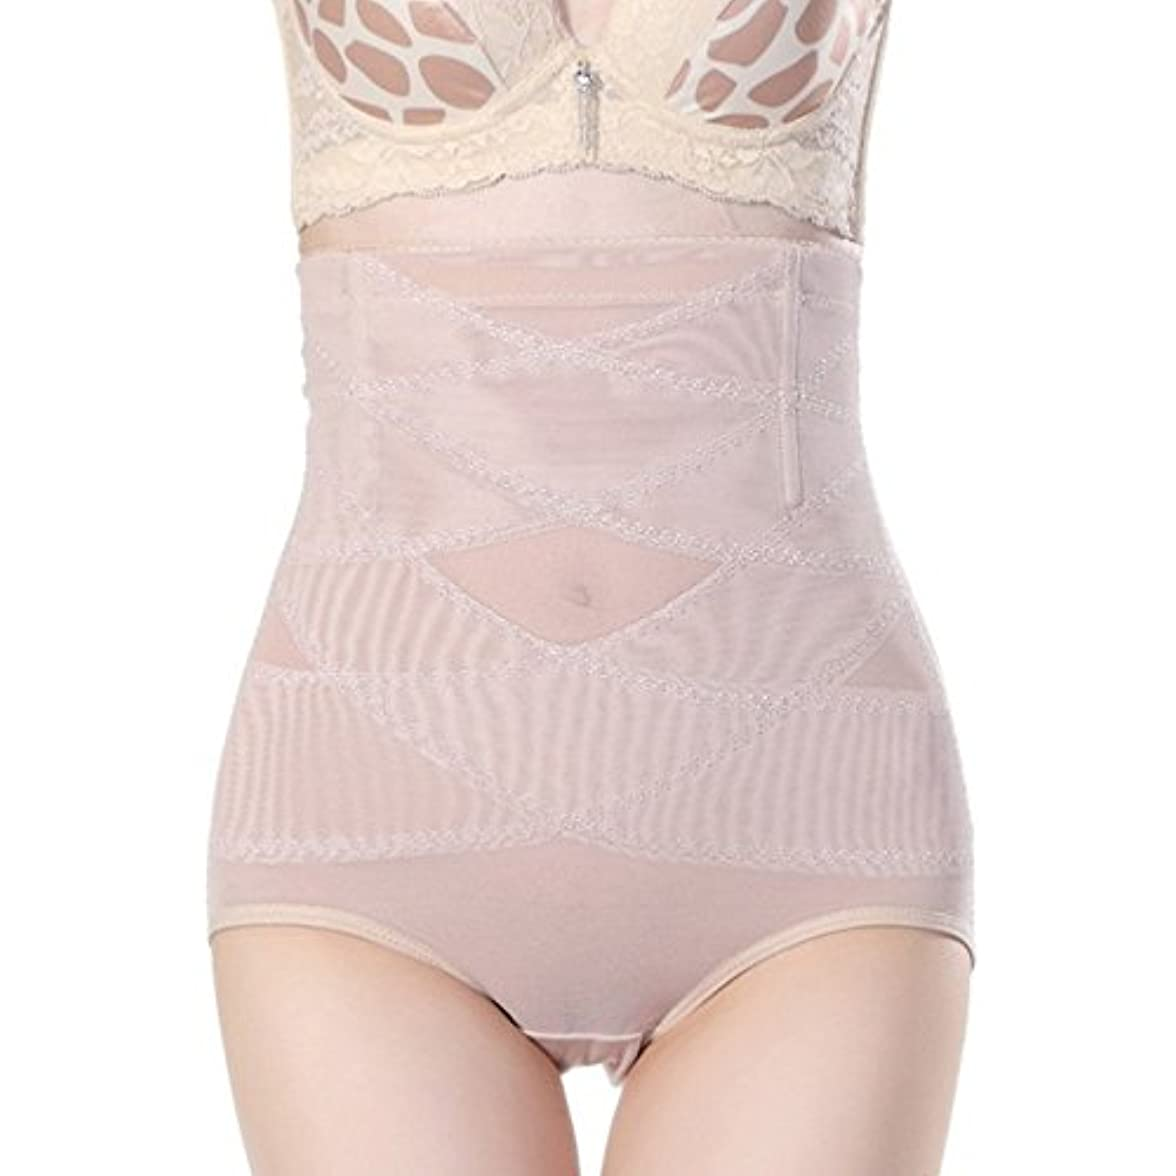 落胆させる孤独な冷蔵する腹部制御下着シームレスおなかコントロールパンティーバットリフターボディシェイパーを痩身通気性のハイウエストの女性 - 肌色3 XL